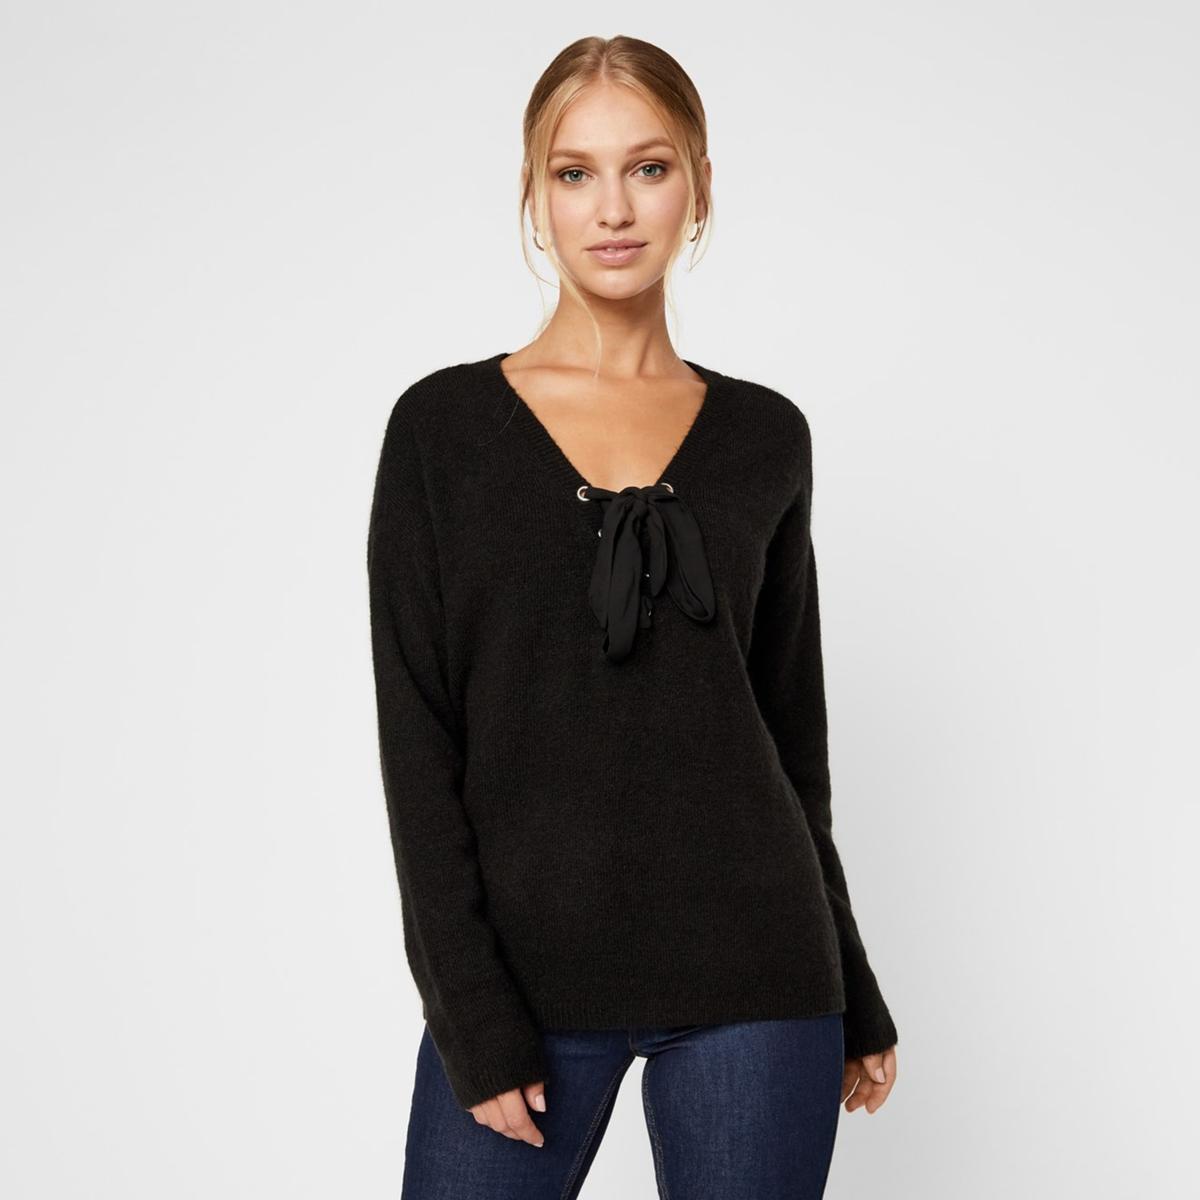 Пуловер La Redoute С V-образным вырезом с завязками спереди XS черный цена 2017